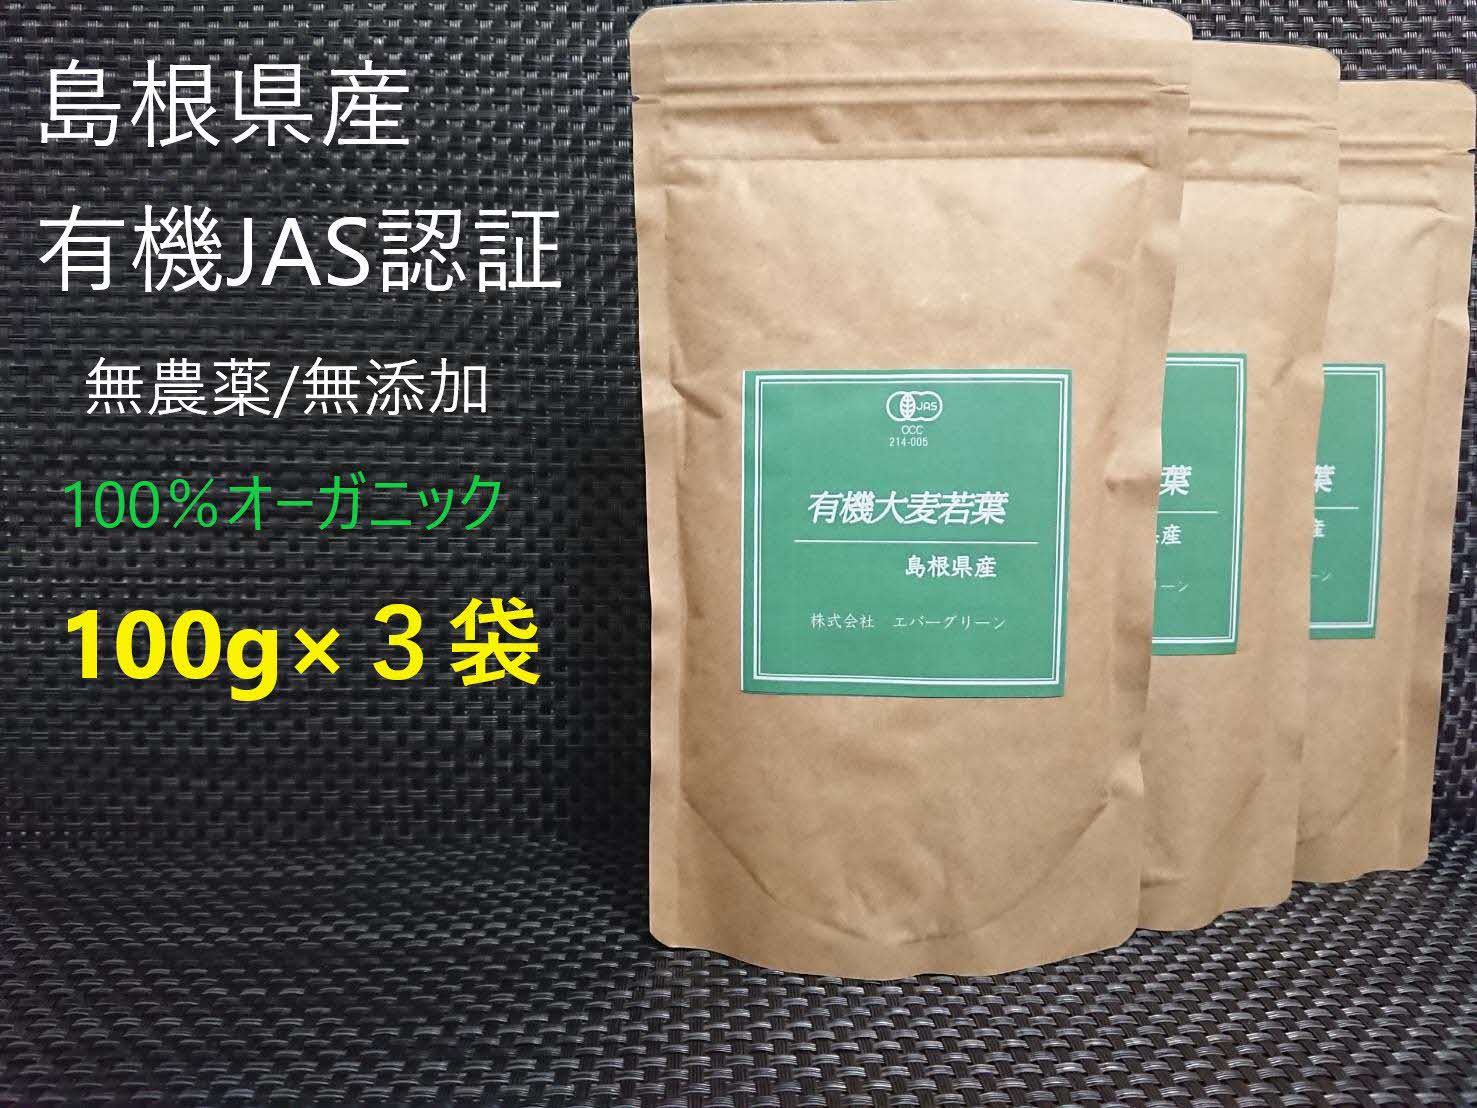 島根県産 有機大麦若葉パウダー 100g×3袋